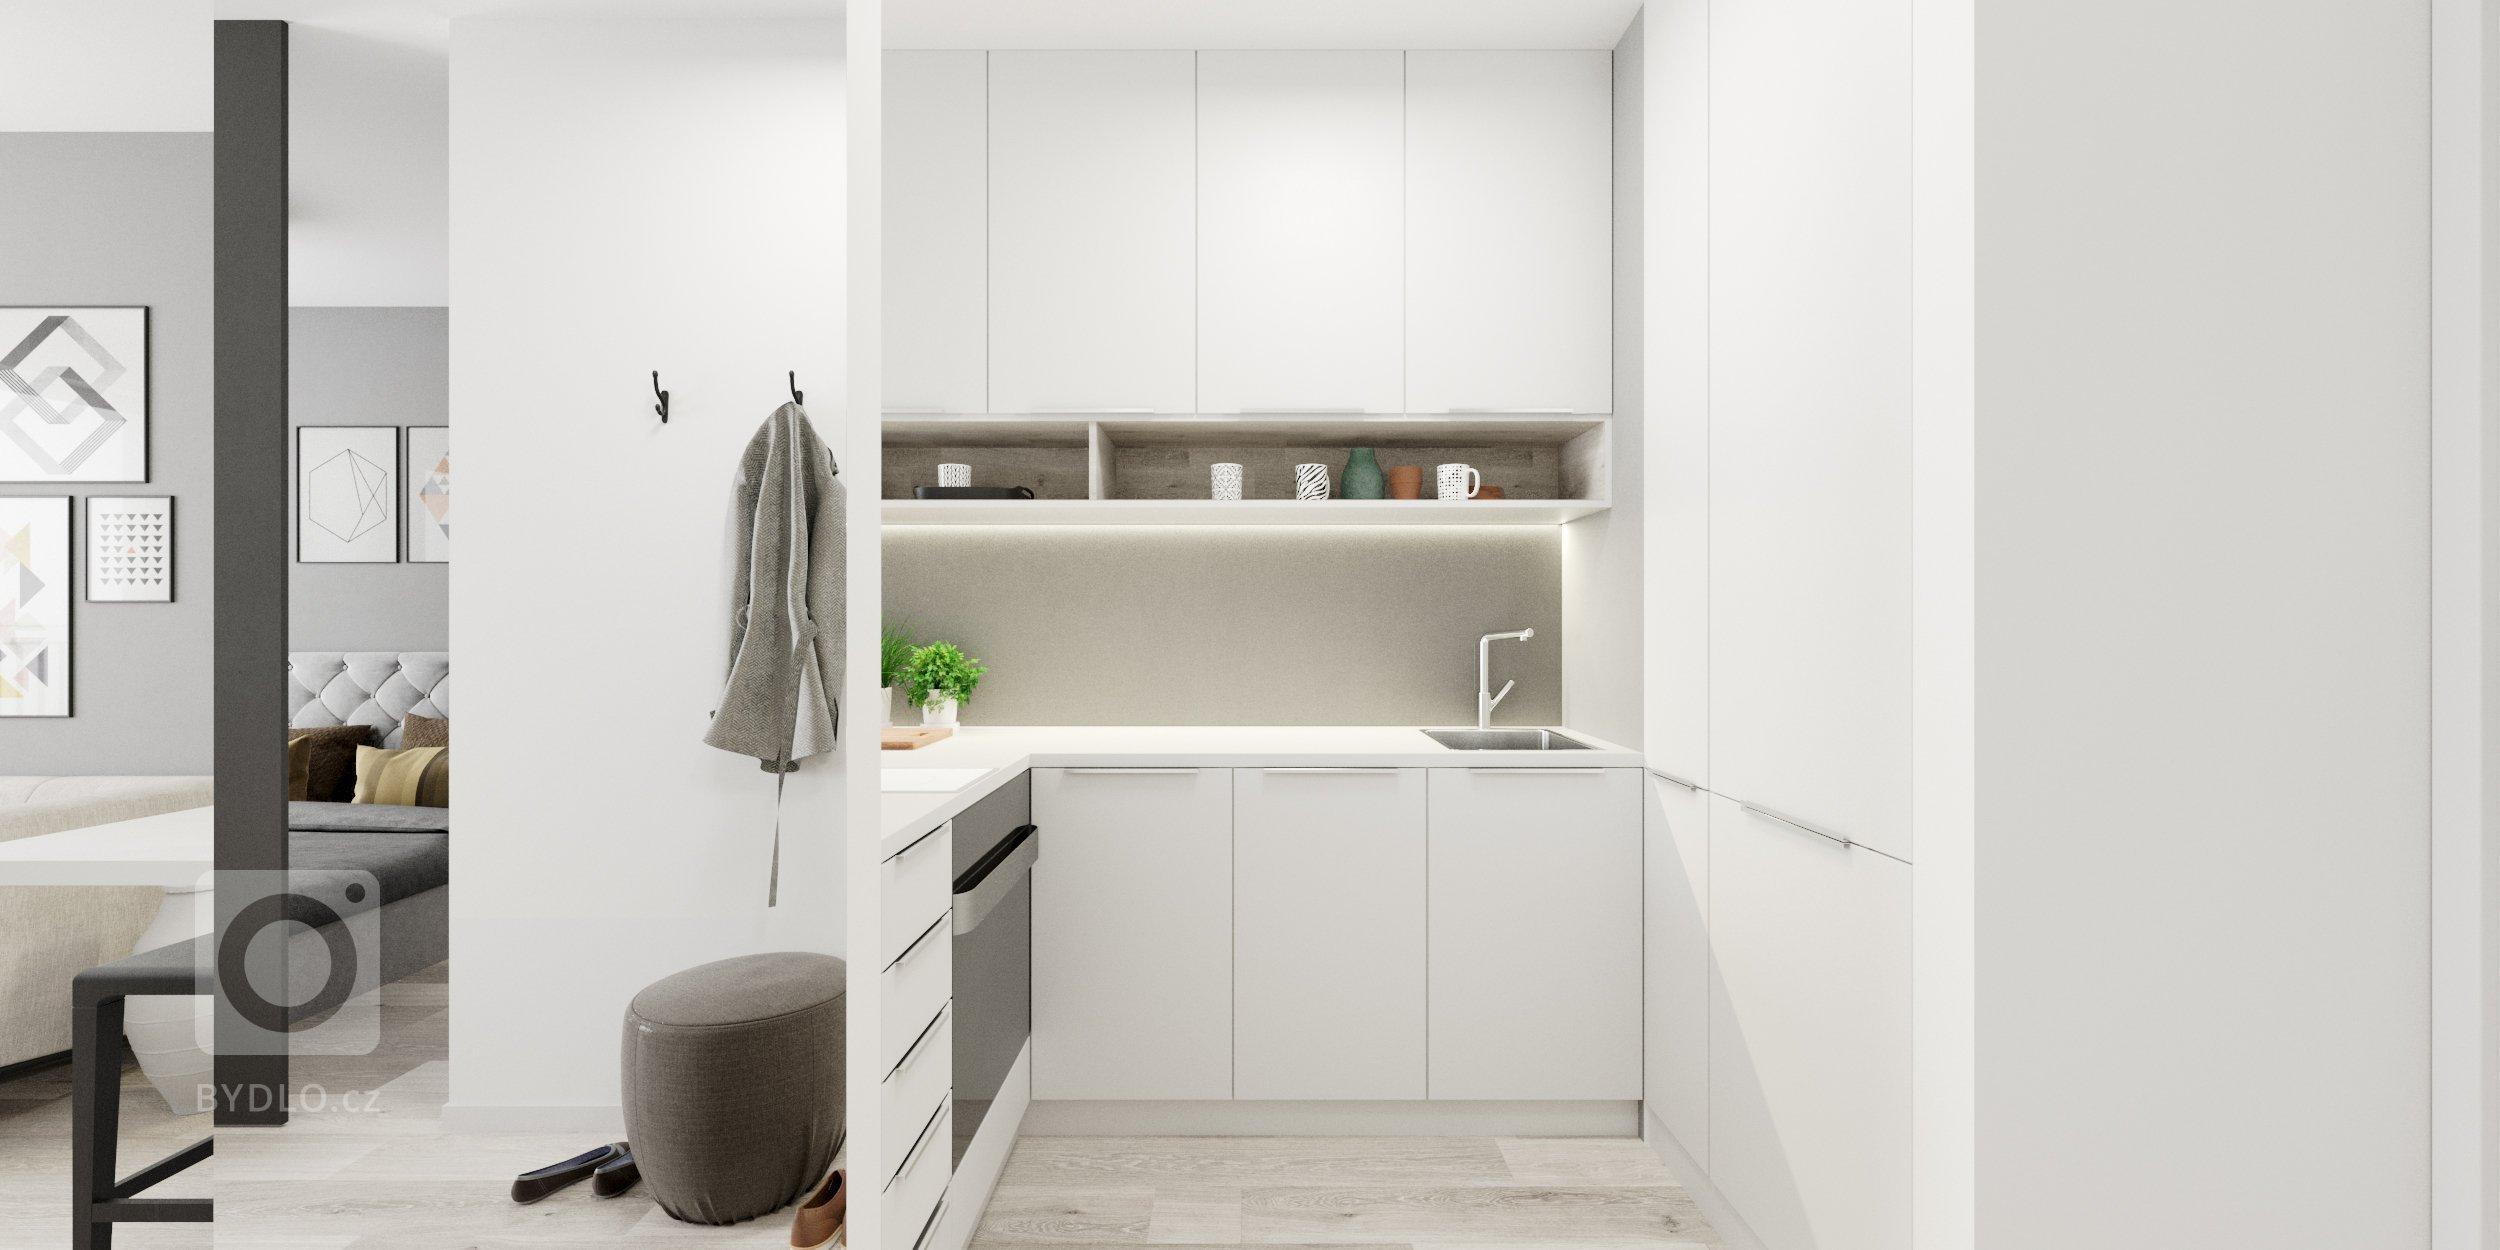 Návrh interiéru jednoizbového bytu vprojekte Slnečnice bol výzvou kvôli obmedzenému rozpočtu . Aj napriek malej úžitkovej ploche bytu sa nám podarilo…